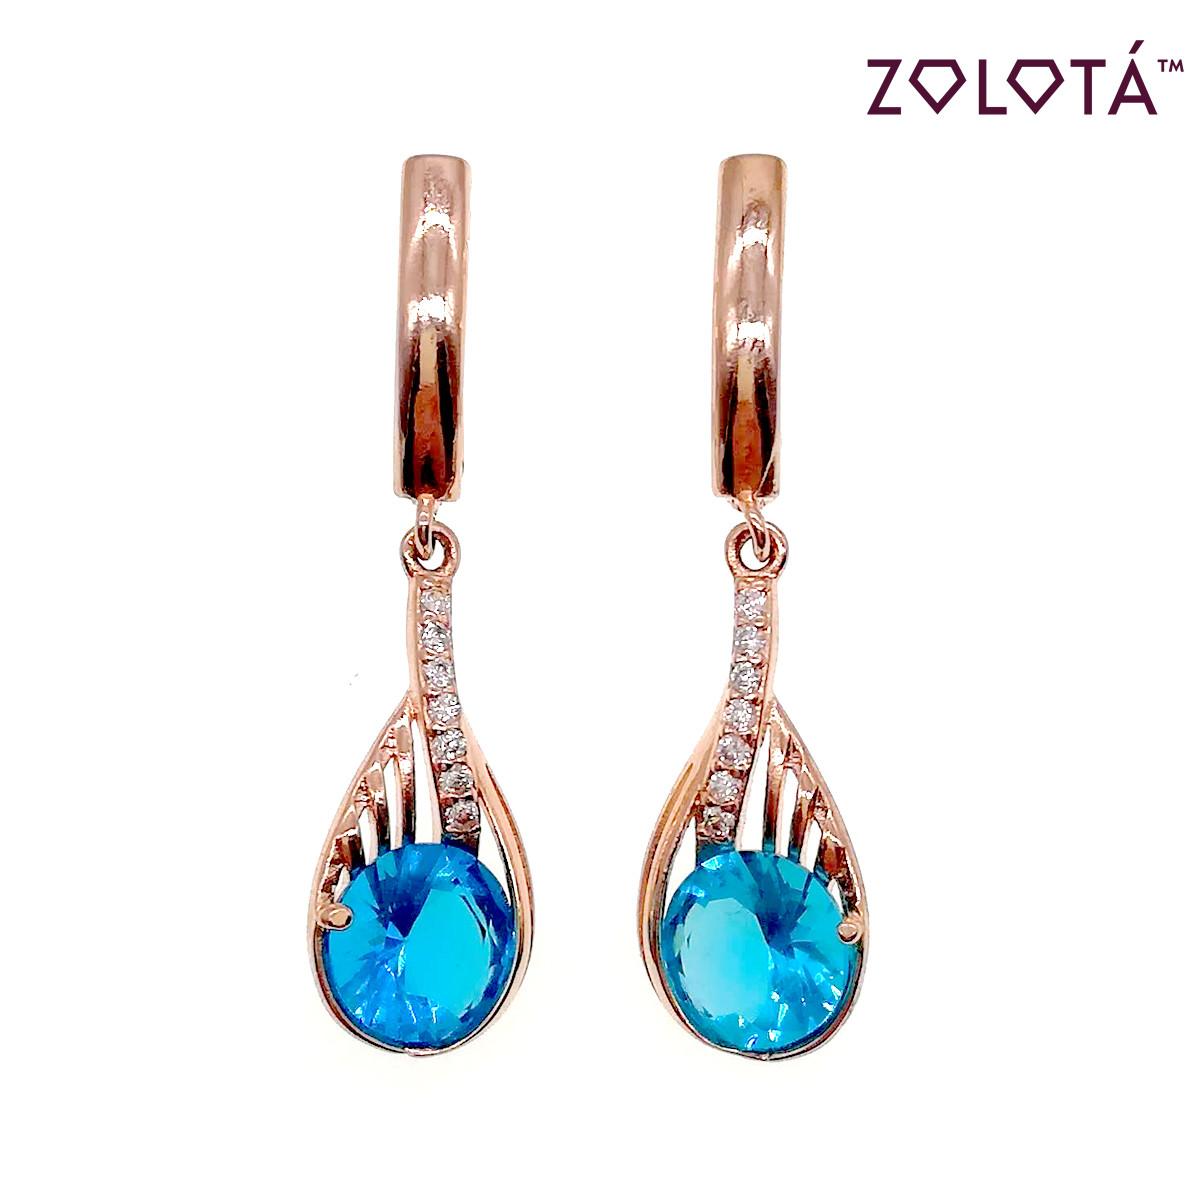 Серьги Zolota с голубыми и белыми фианитами (куб. цирконием), из медицинского золота, в позолоте, ЗЛ00485 (1)